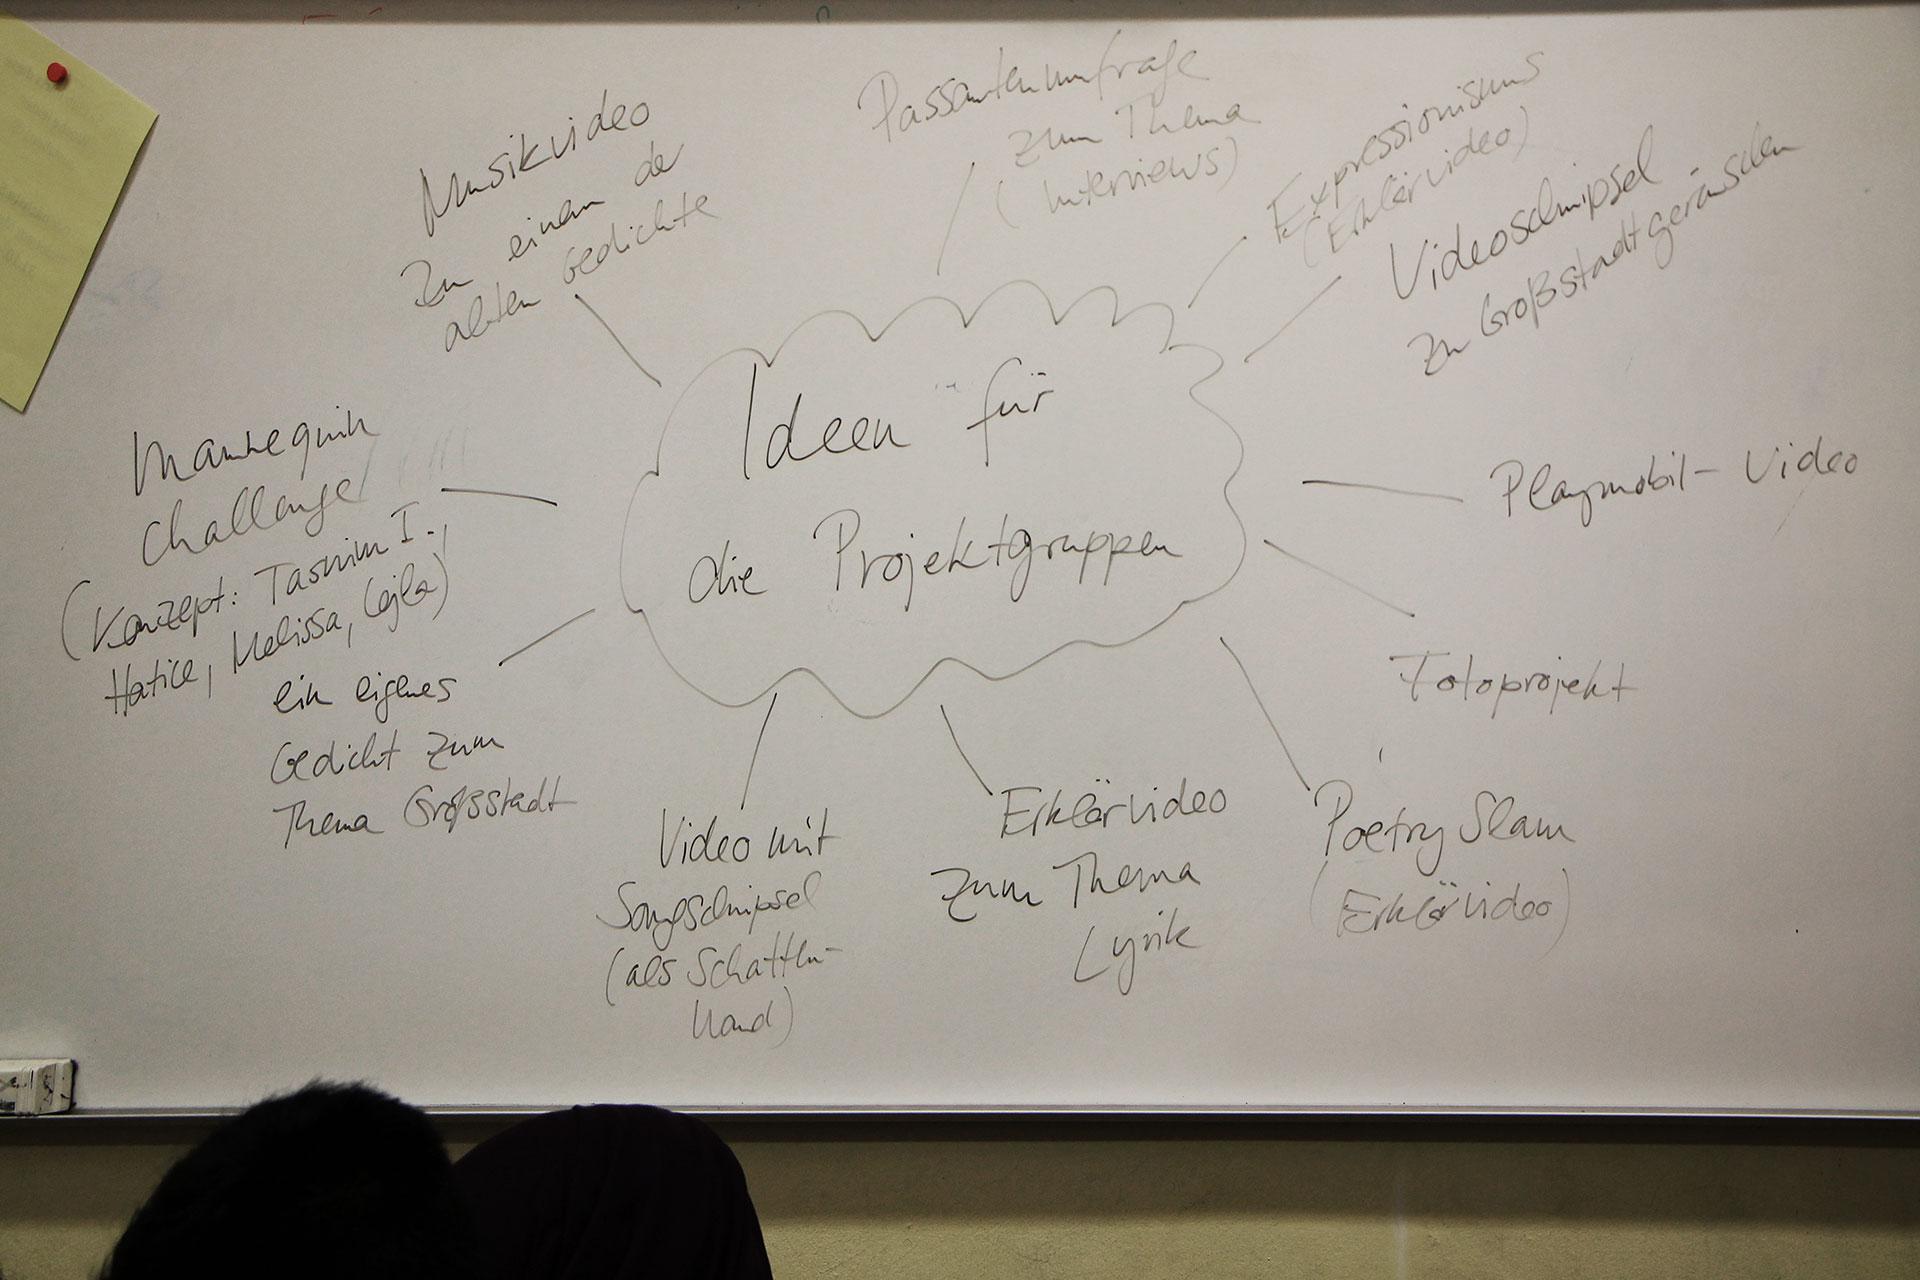 projektgruppen_ideen_blog